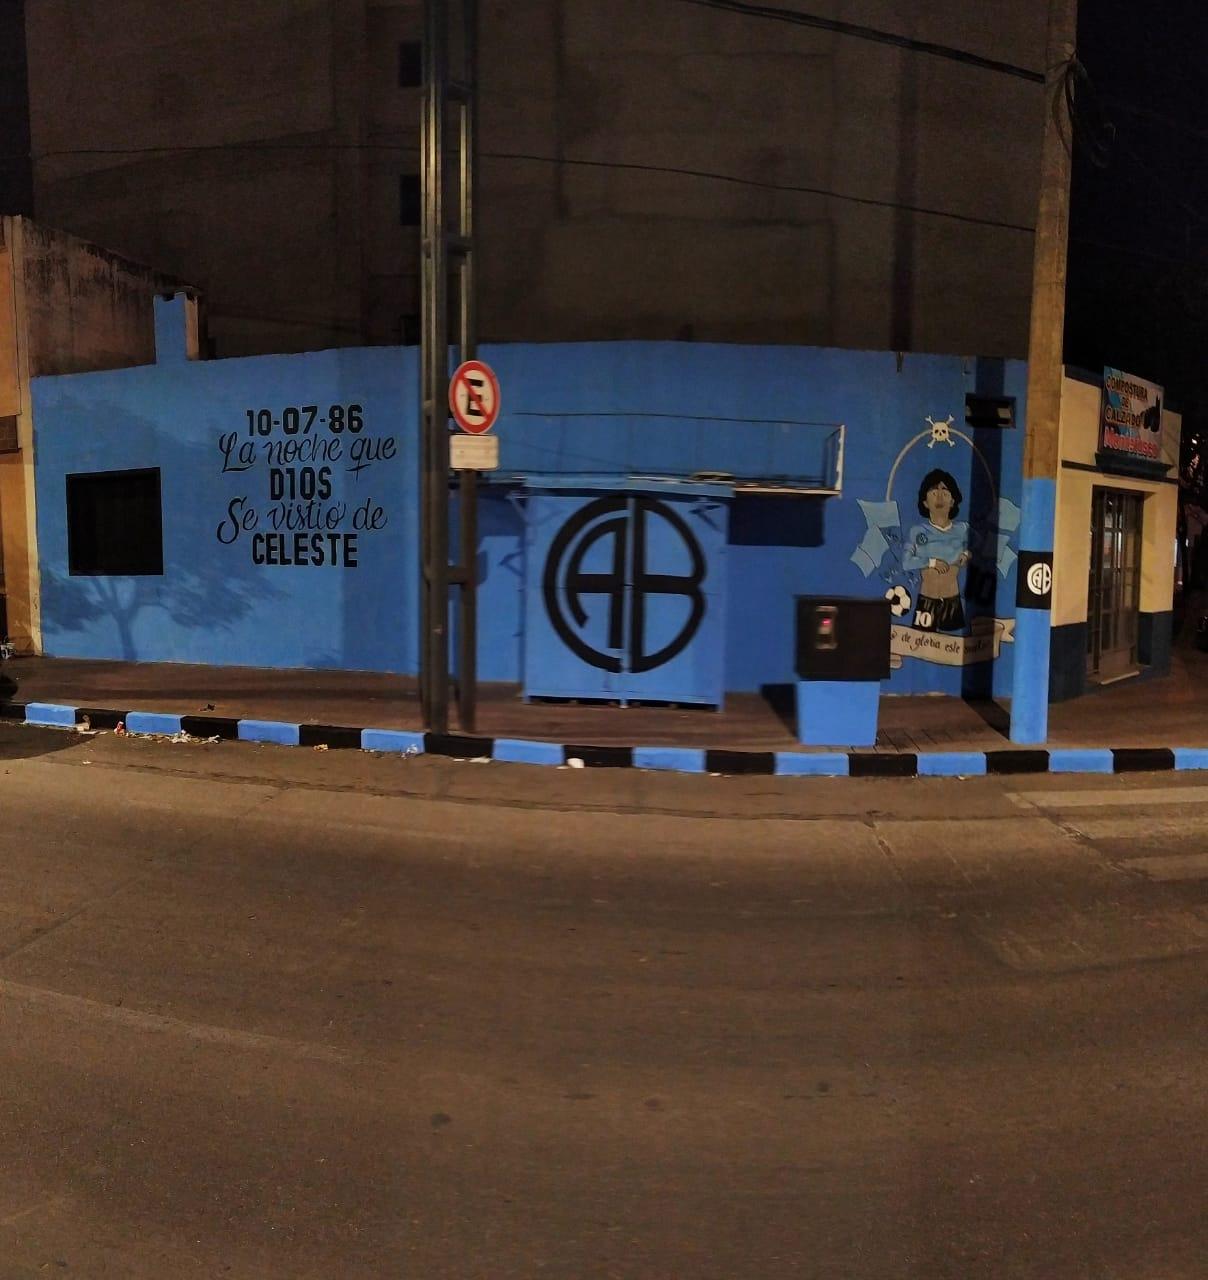 El día que Maradona jugó para Belgrano tiene su mural en Alberdi: las fotos